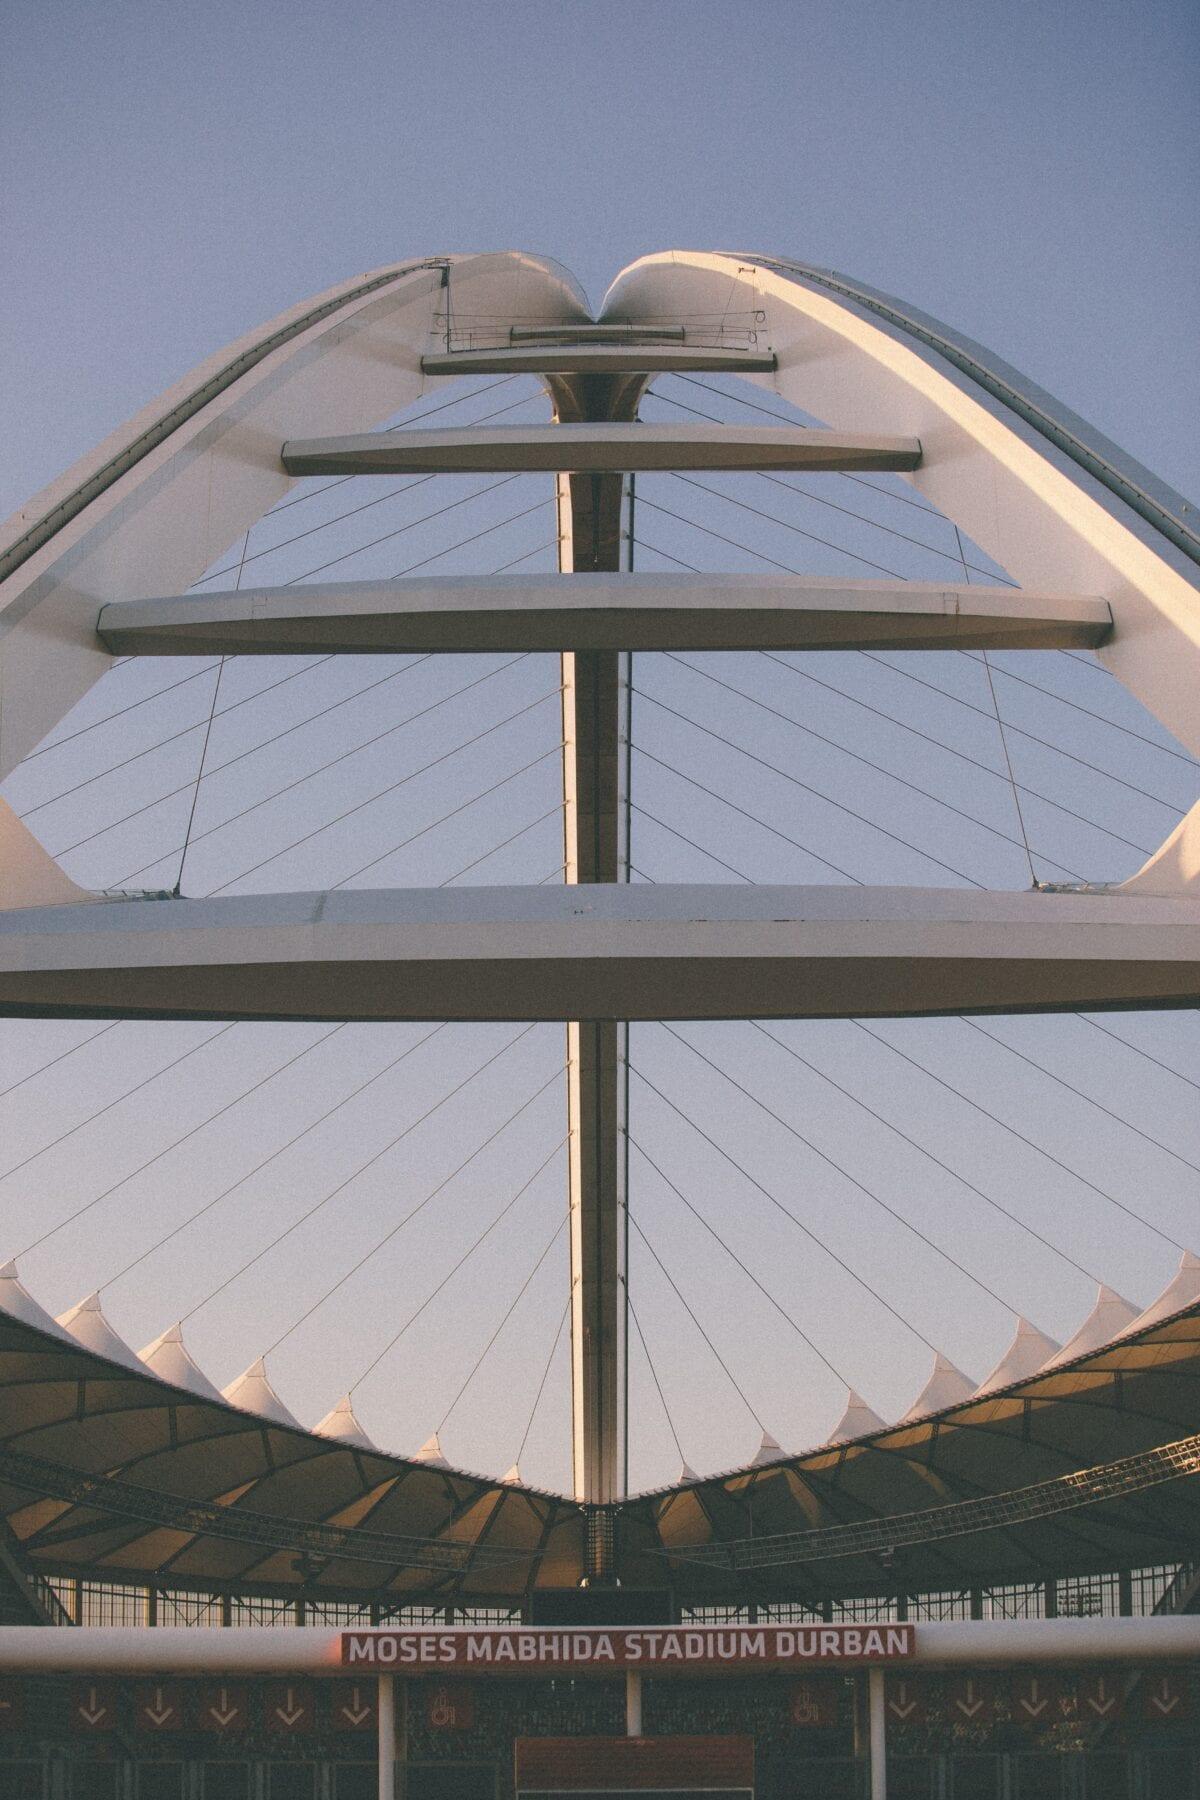 Zuid-Afrika Durban stadion